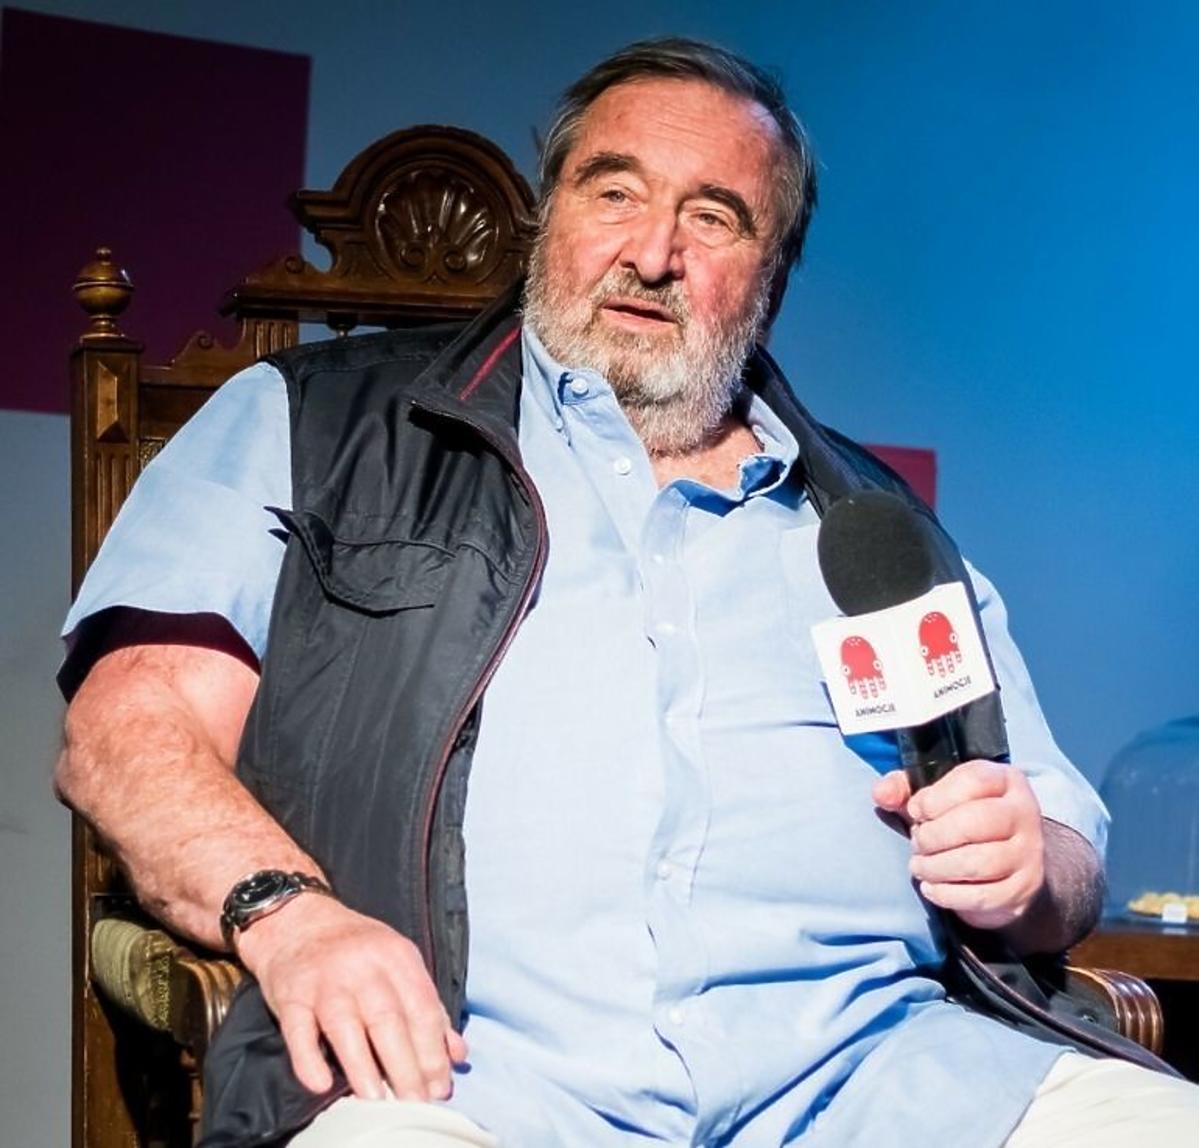 Krzysztof Kowalewski w błękitnej koszuli